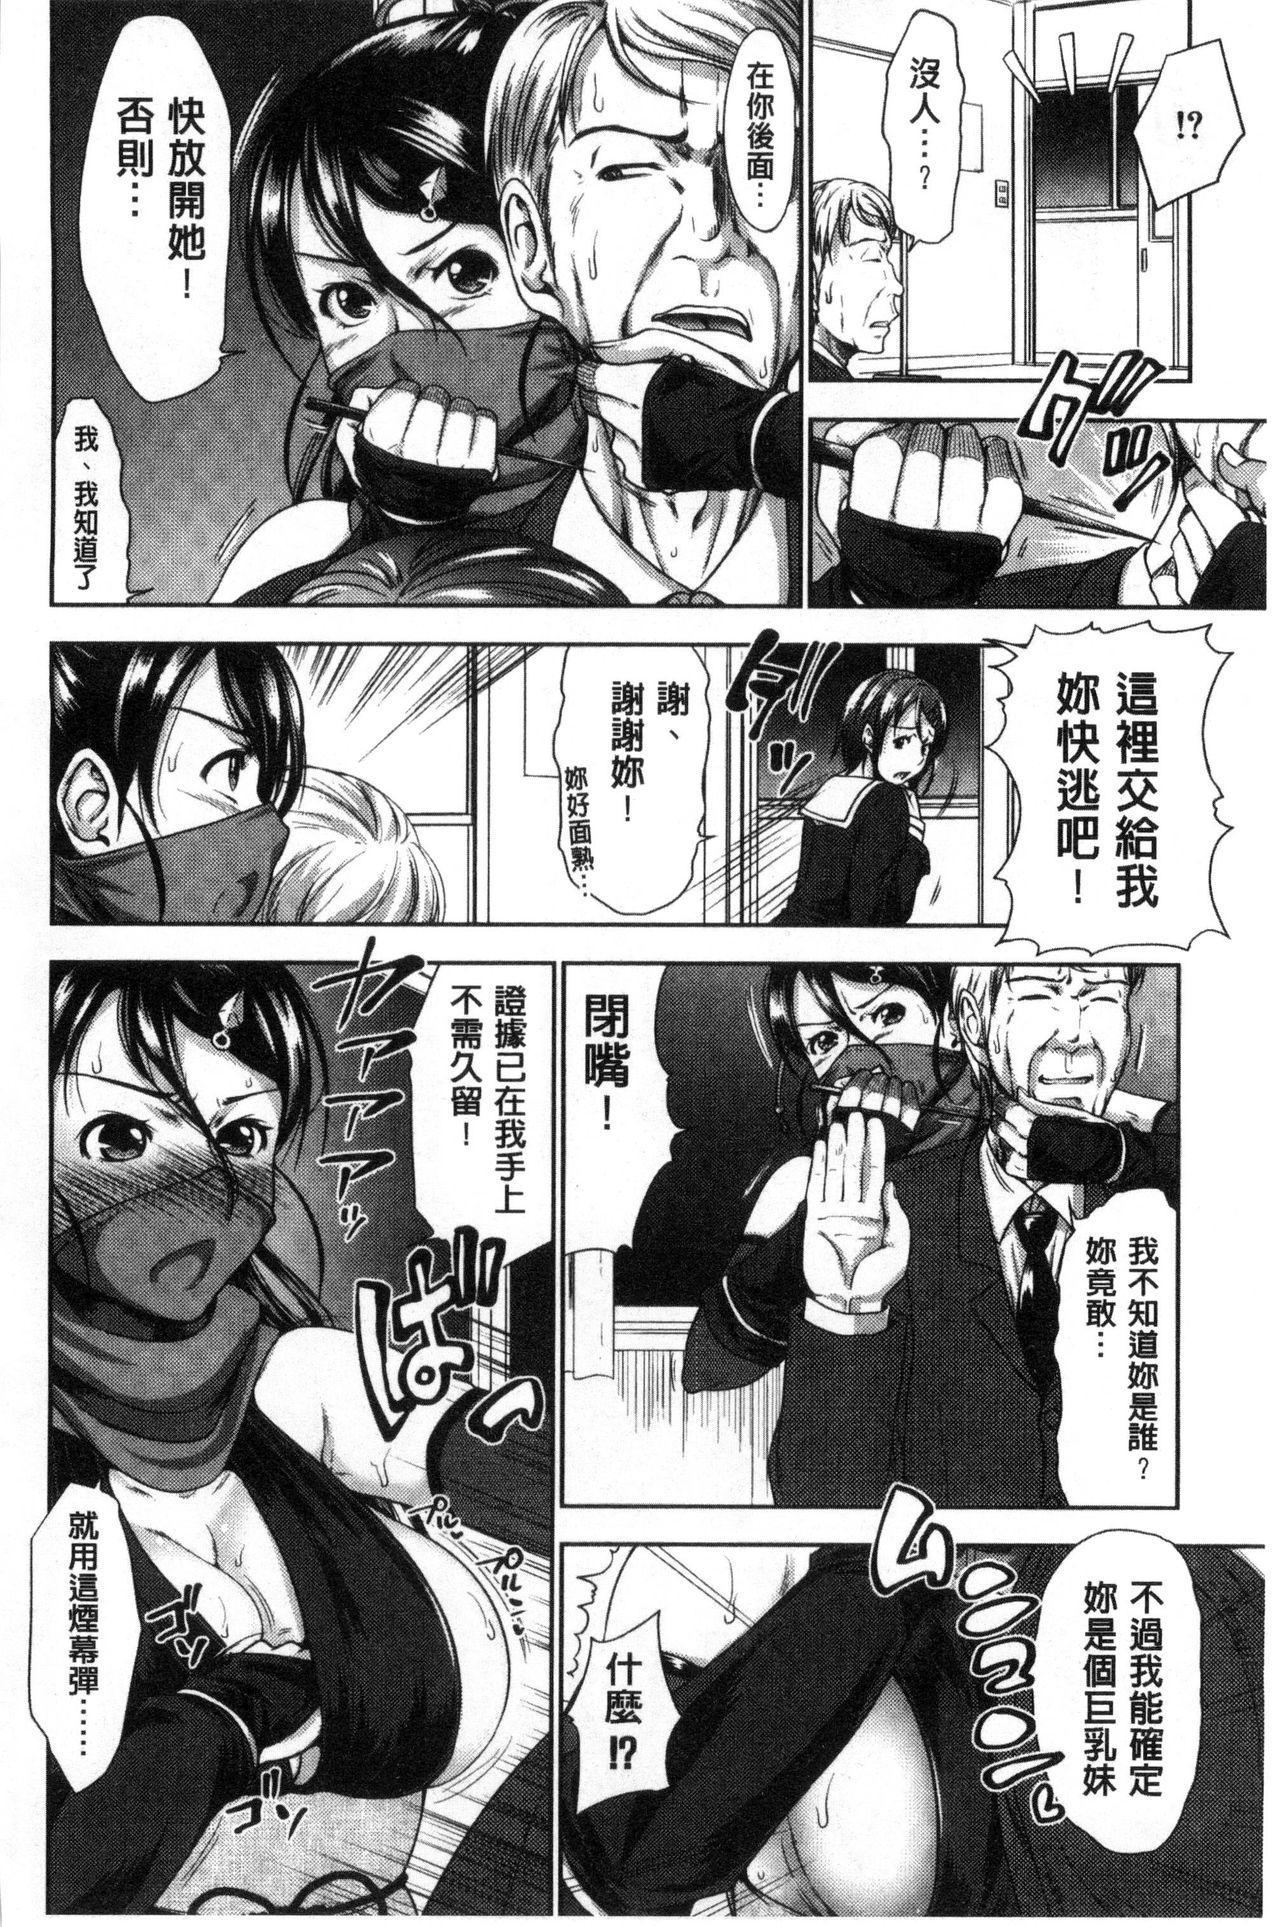 [Takuwan] Sanshimai Show Time -Moshi Ore ga 10-nen mae no Sugata de Seishun Yarinaosetara- | 三姉妹ShowTime -如果我以10年前的模樣青春再玩一次的話- [Chinese] 189